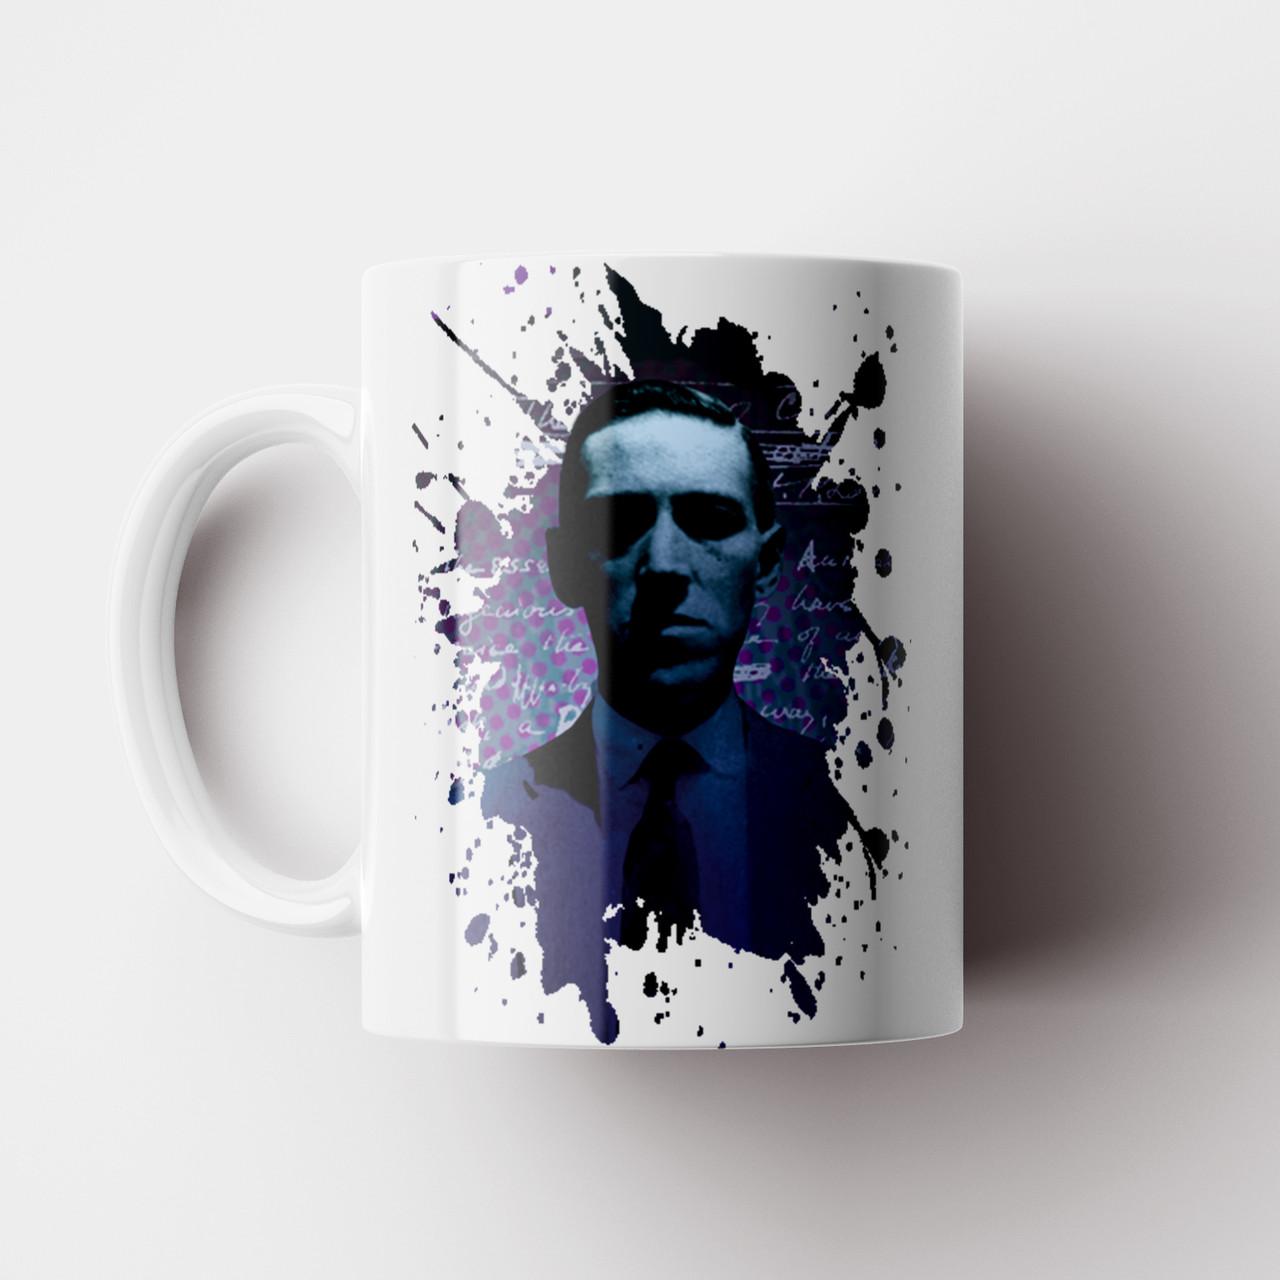 Чашка Говард Филлипс Лавкрафт. Lovecraft. Чашка с фото